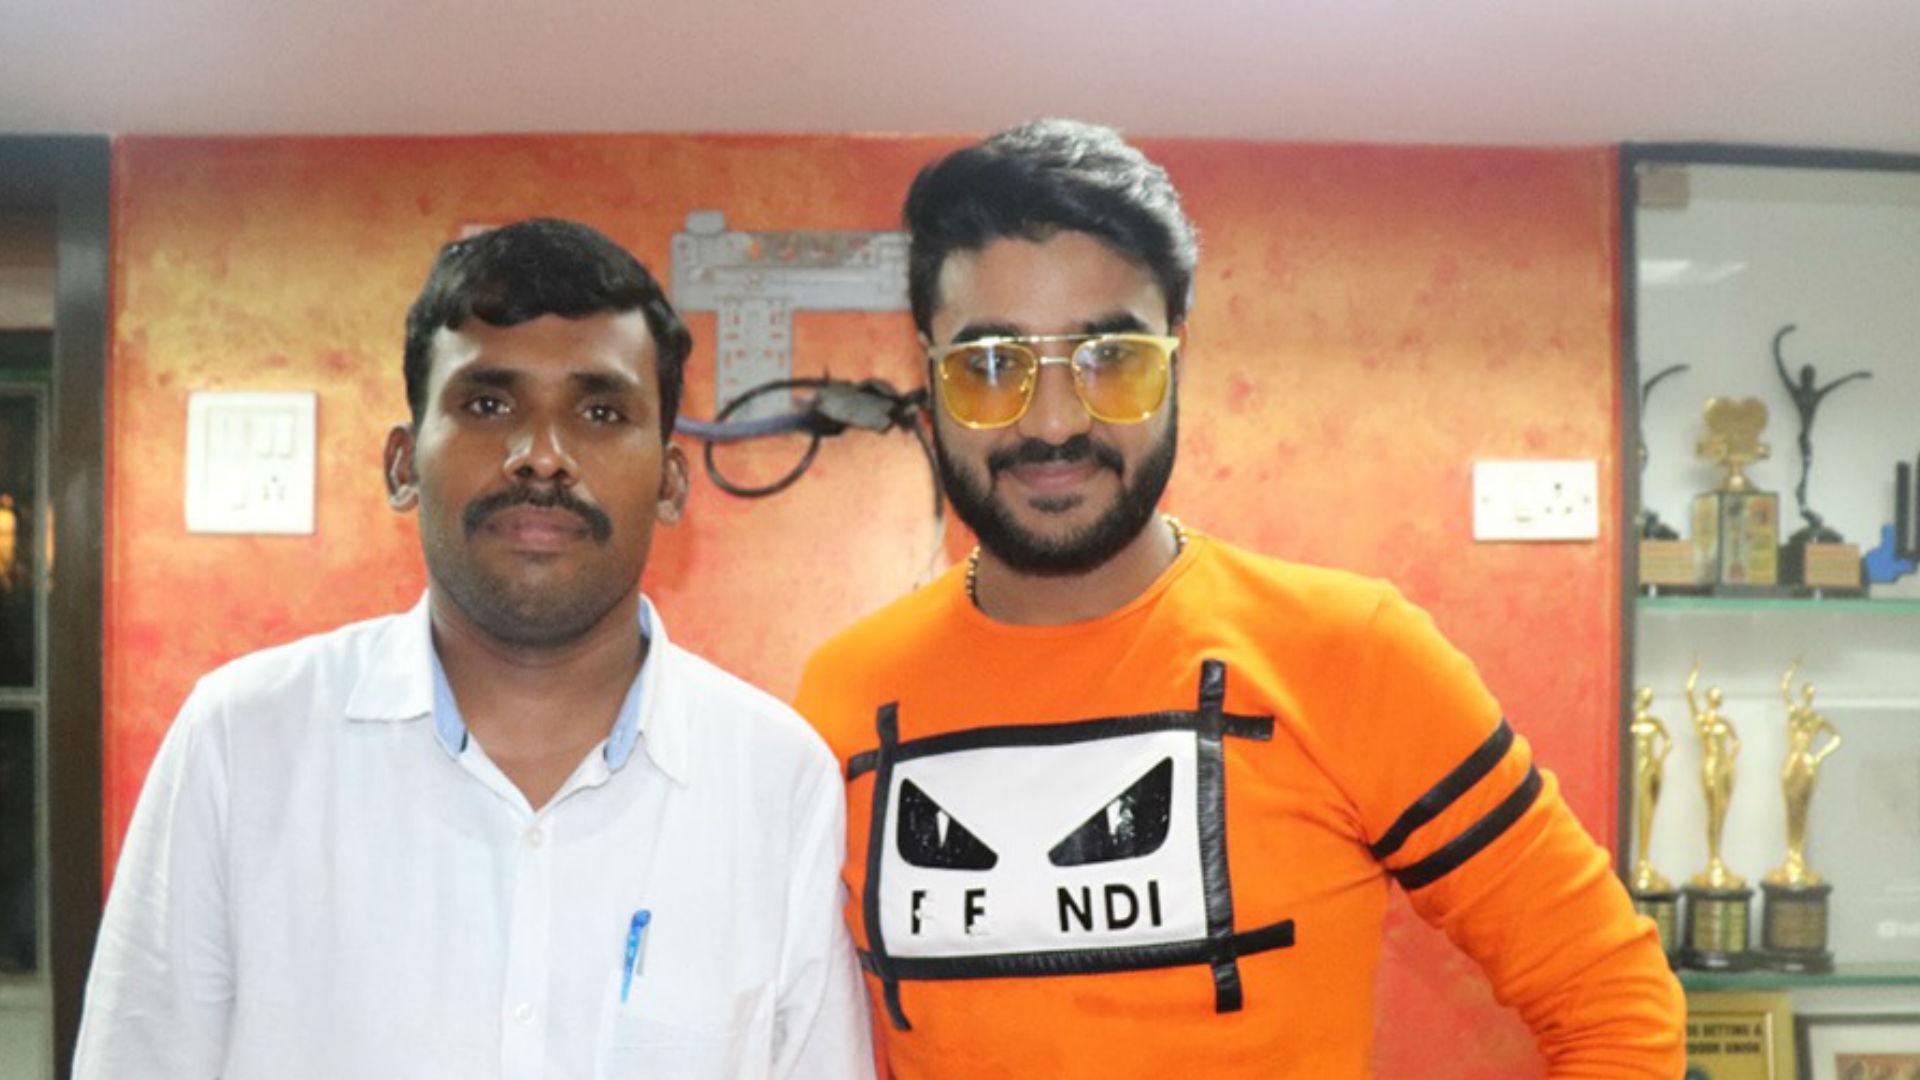 भोजपुरी स्टार प्रदीप पांडे की फिल्म 'नायक' 21 जून को होगी रिलीज, देखने को मिलेगा जबरदस्त धमाल